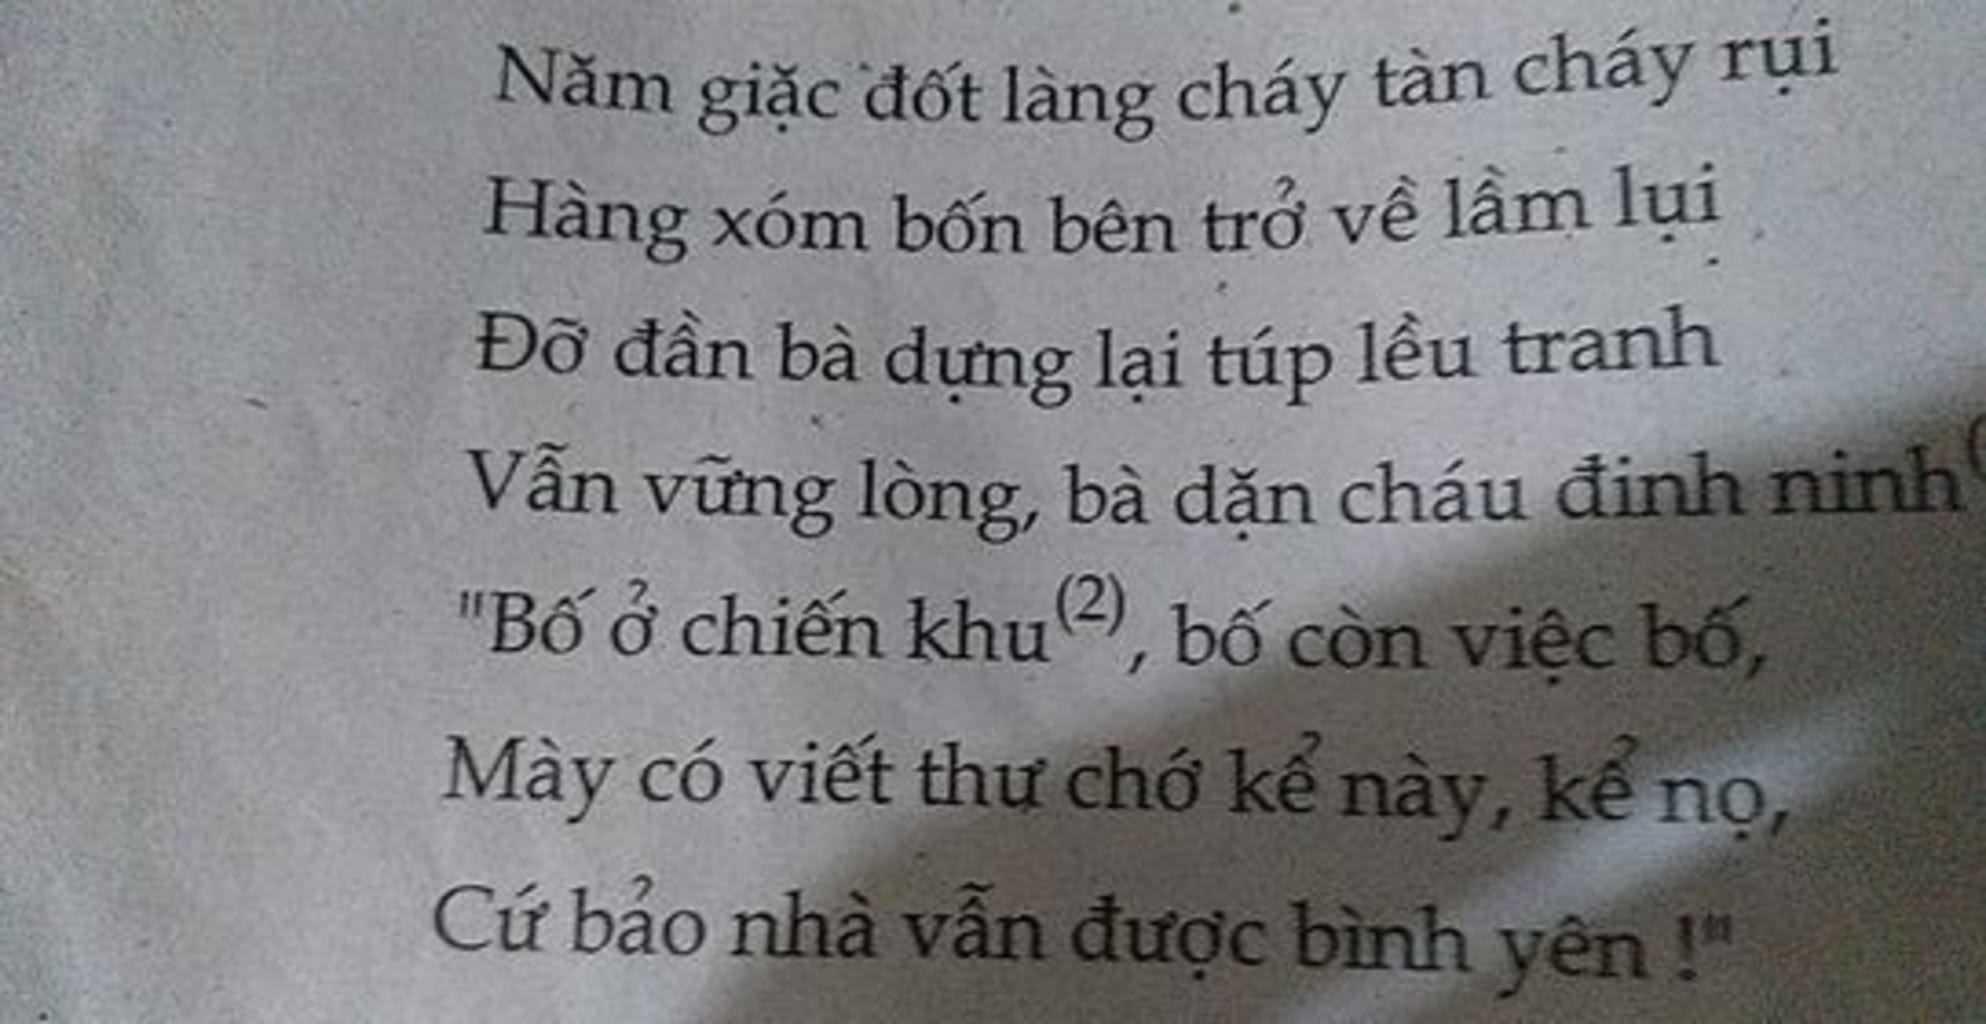 nam-giac-dot-lang-chay-tan-chay-rui-hang-om-bon-ben-tro-ve-lam-lui-do-dan-ba-dung-lai-tup-leu-tr